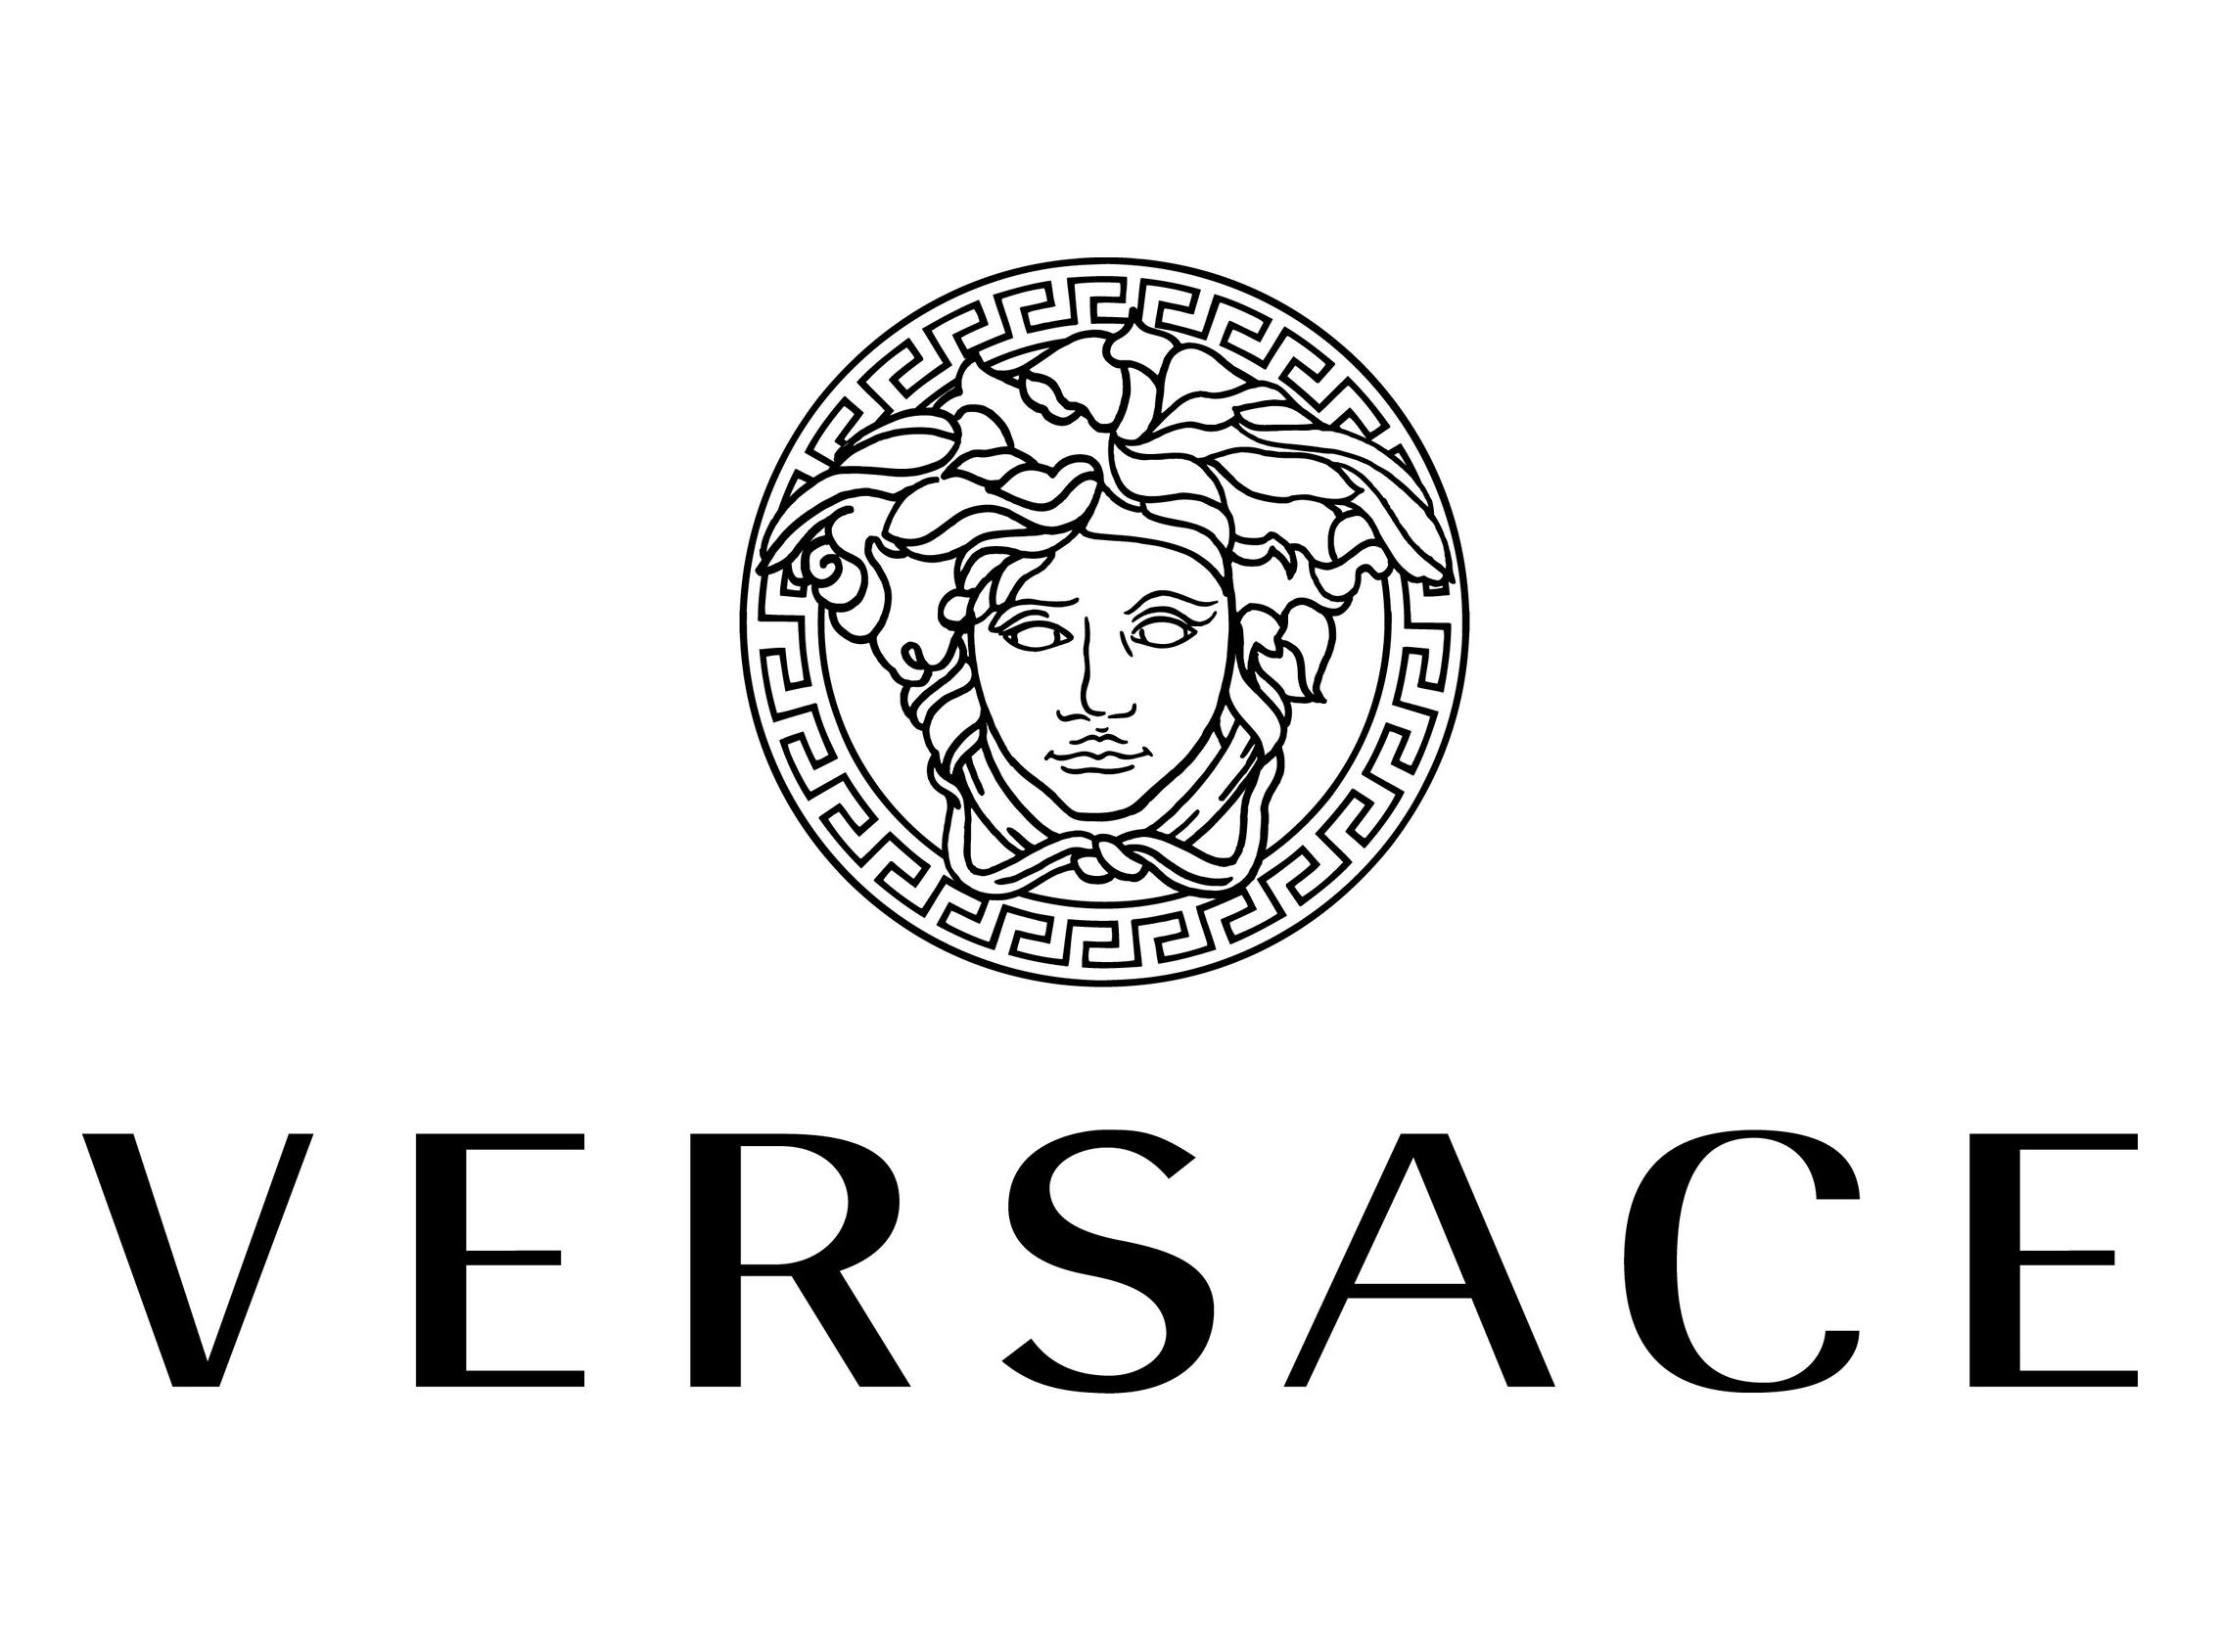 versace-logo-wordmark